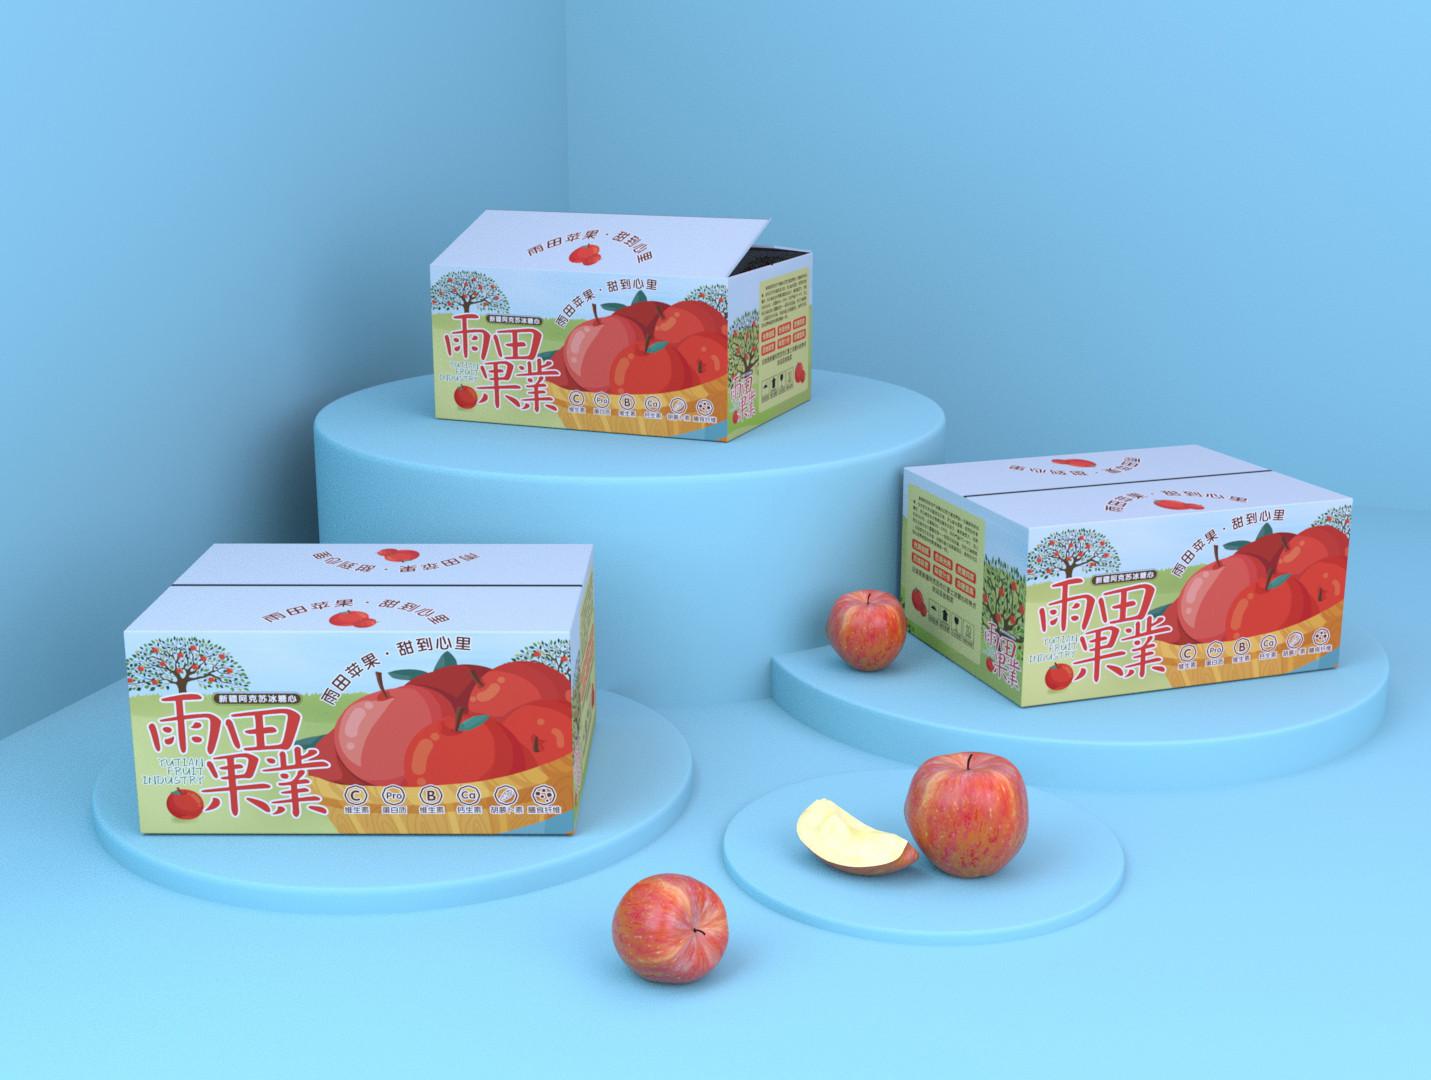 阿克苏冰糖心苹果箱